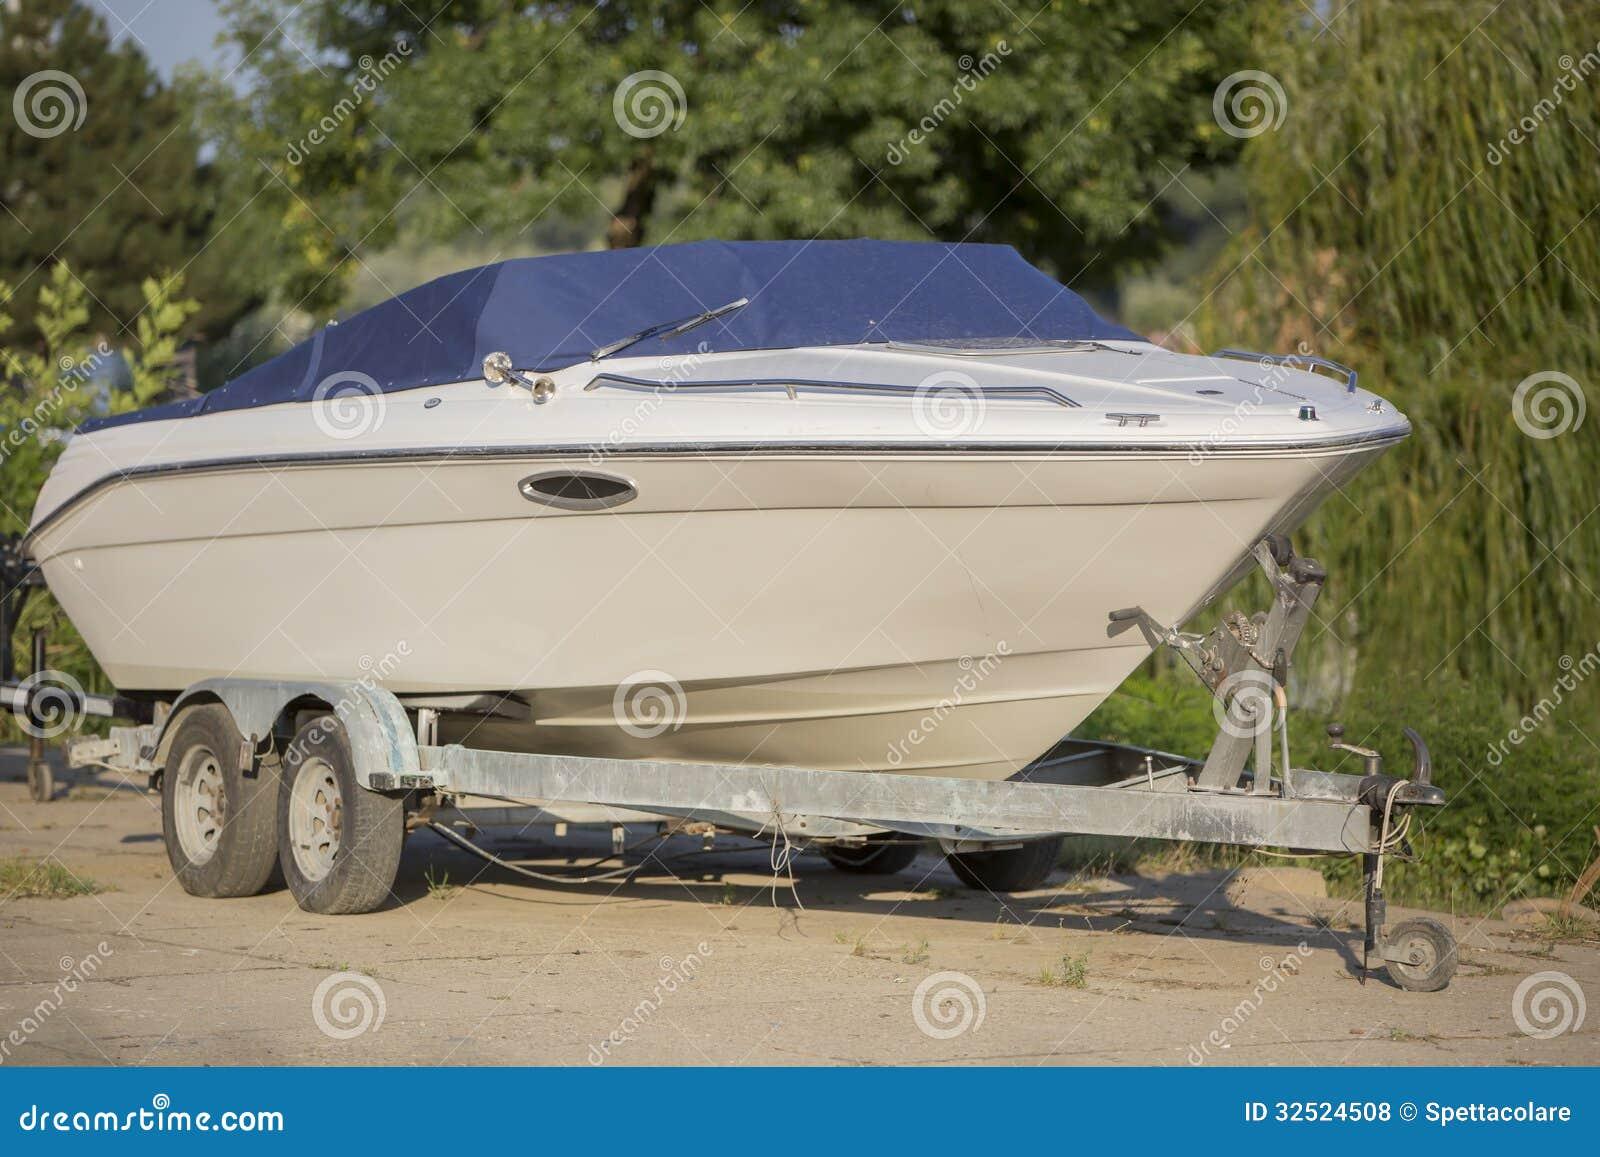 bateau sur une remorque dans le chantier de construction navale photo stock image du outdoors. Black Bedroom Furniture Sets. Home Design Ideas